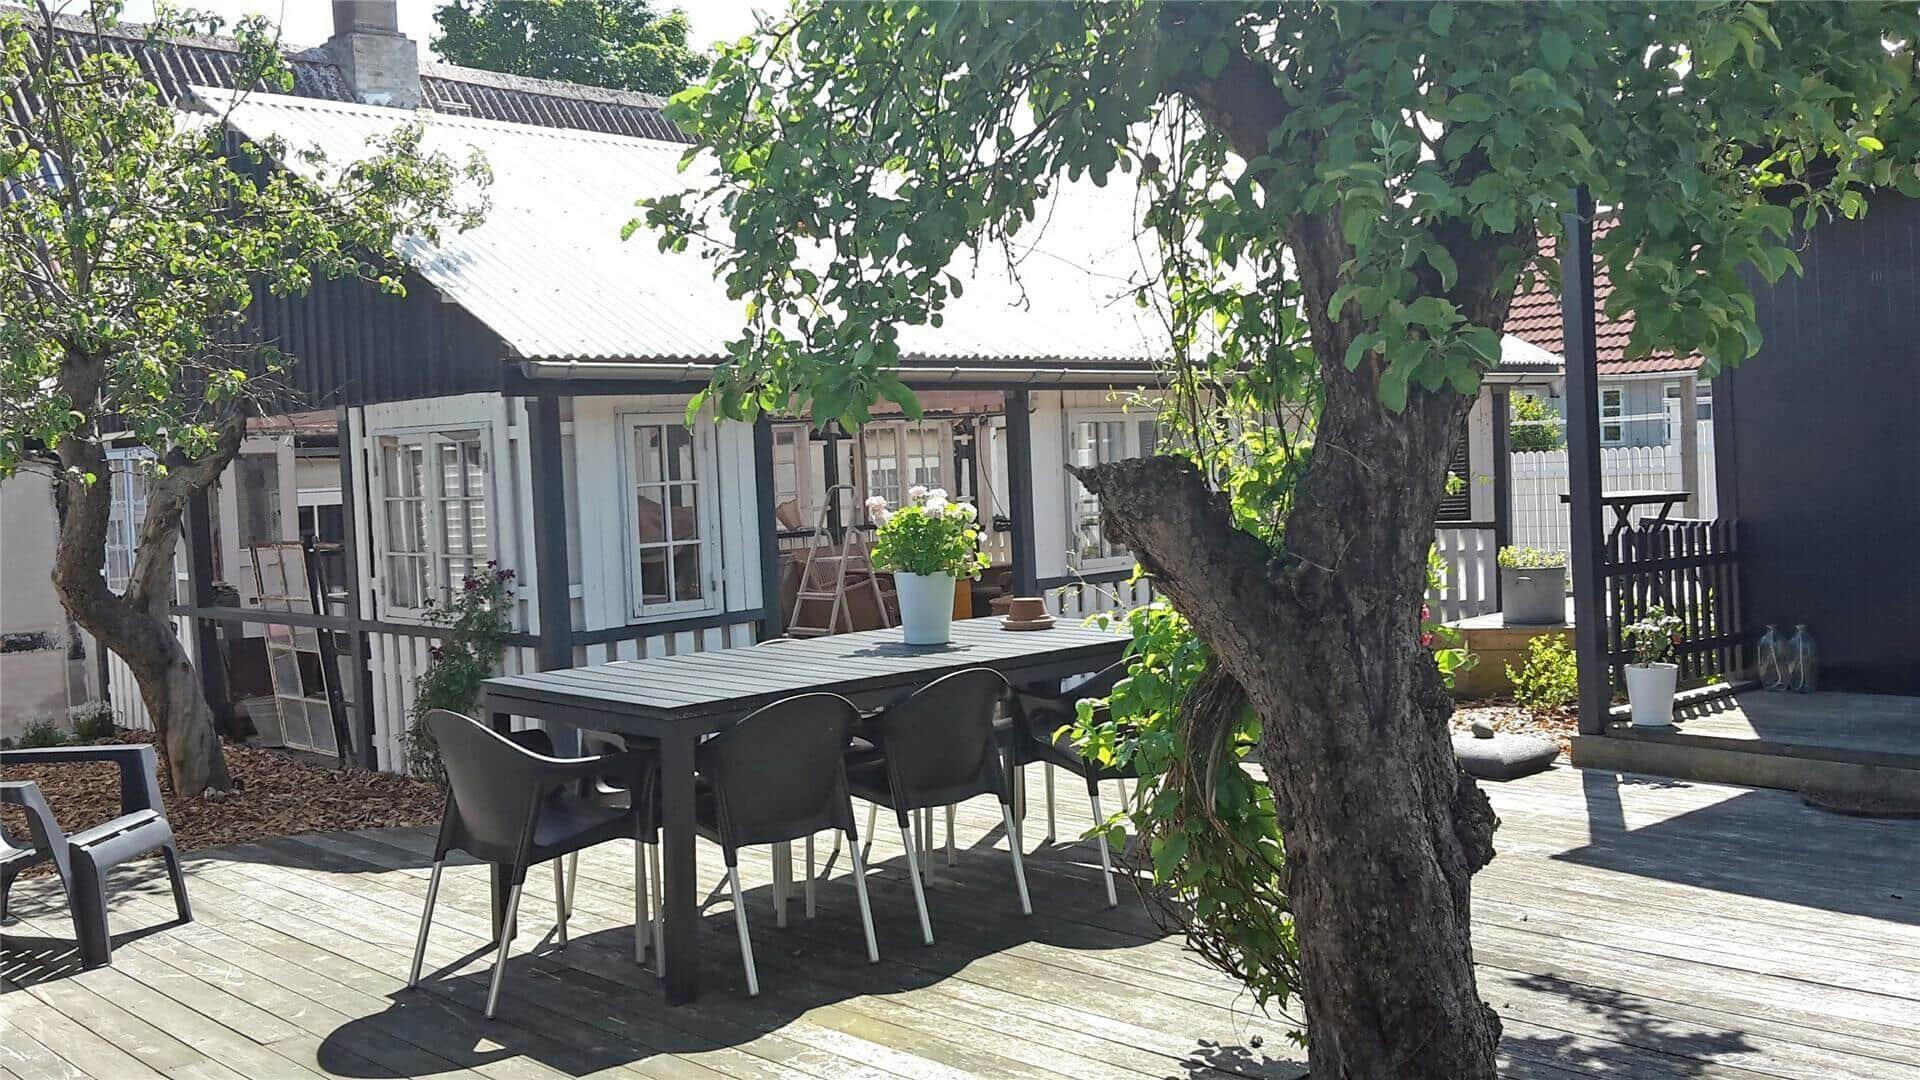 Billede 1-170 Sommerhus 20319, Søndergade 9, DK - 8305 Samsø